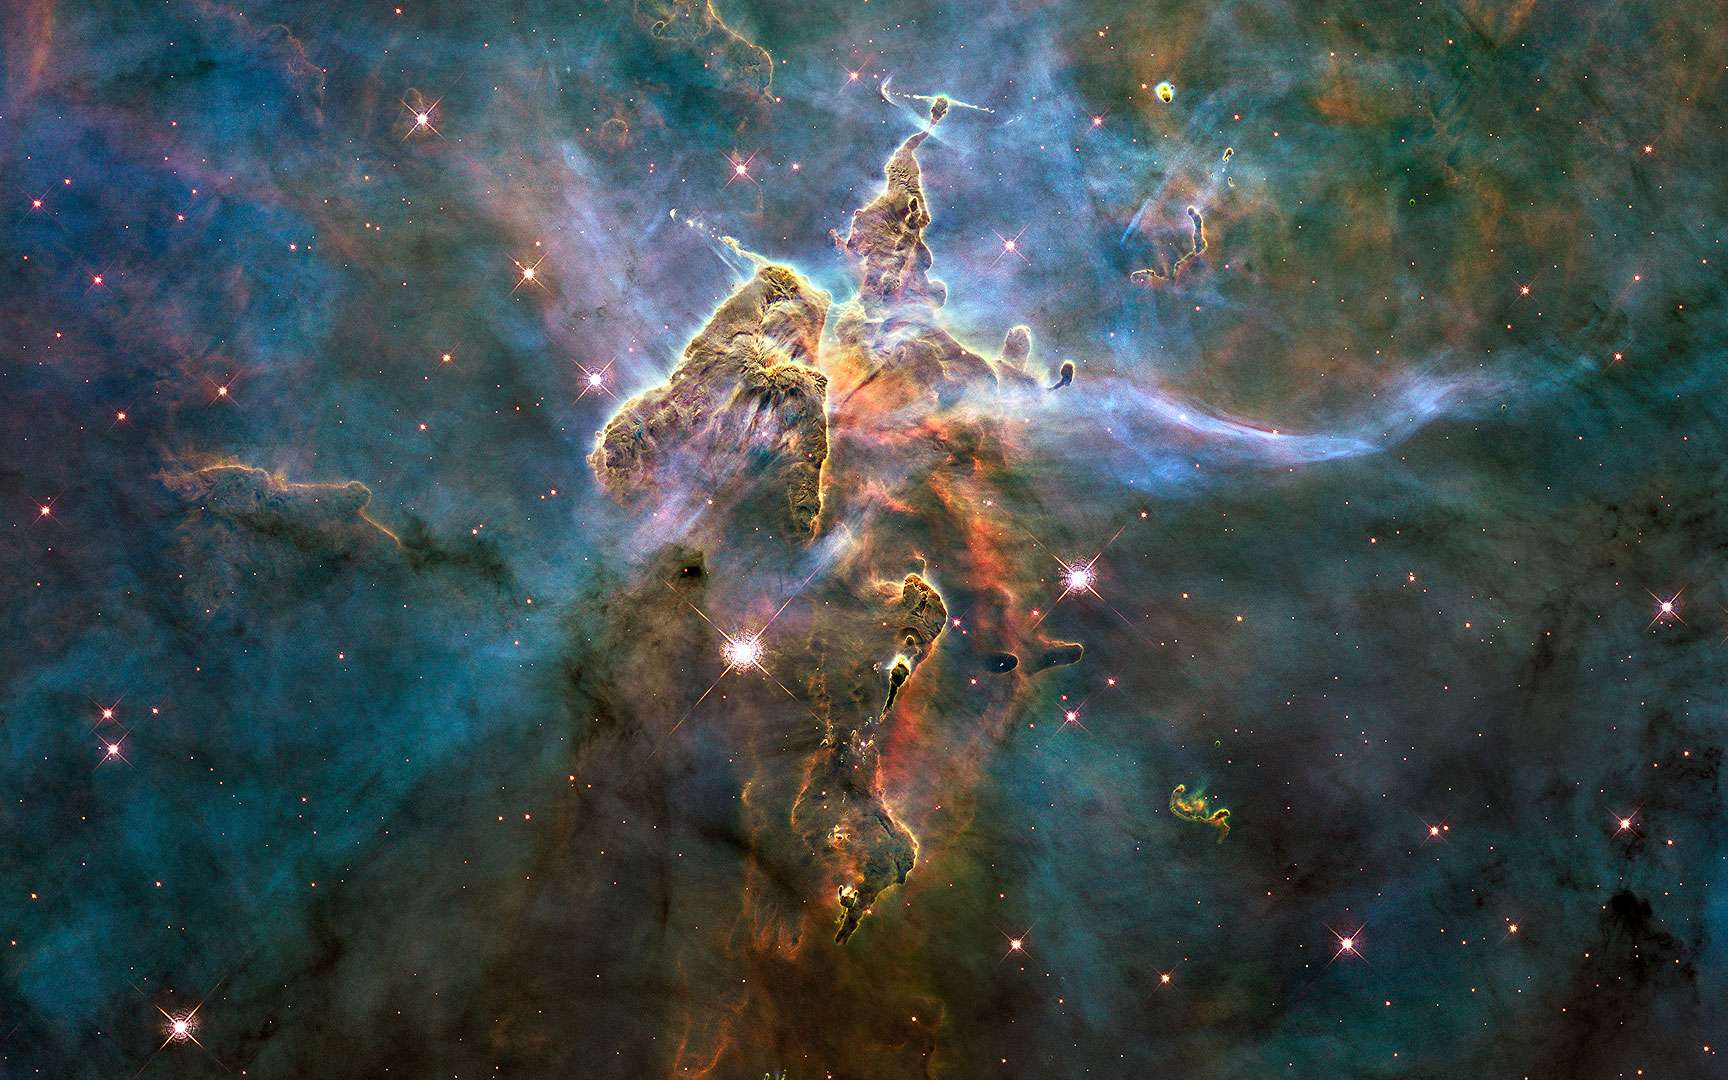 Hubble : nuage d'étoiles du Sagittaire. Crédits ESA / NASA & The Hubble Heritage Team